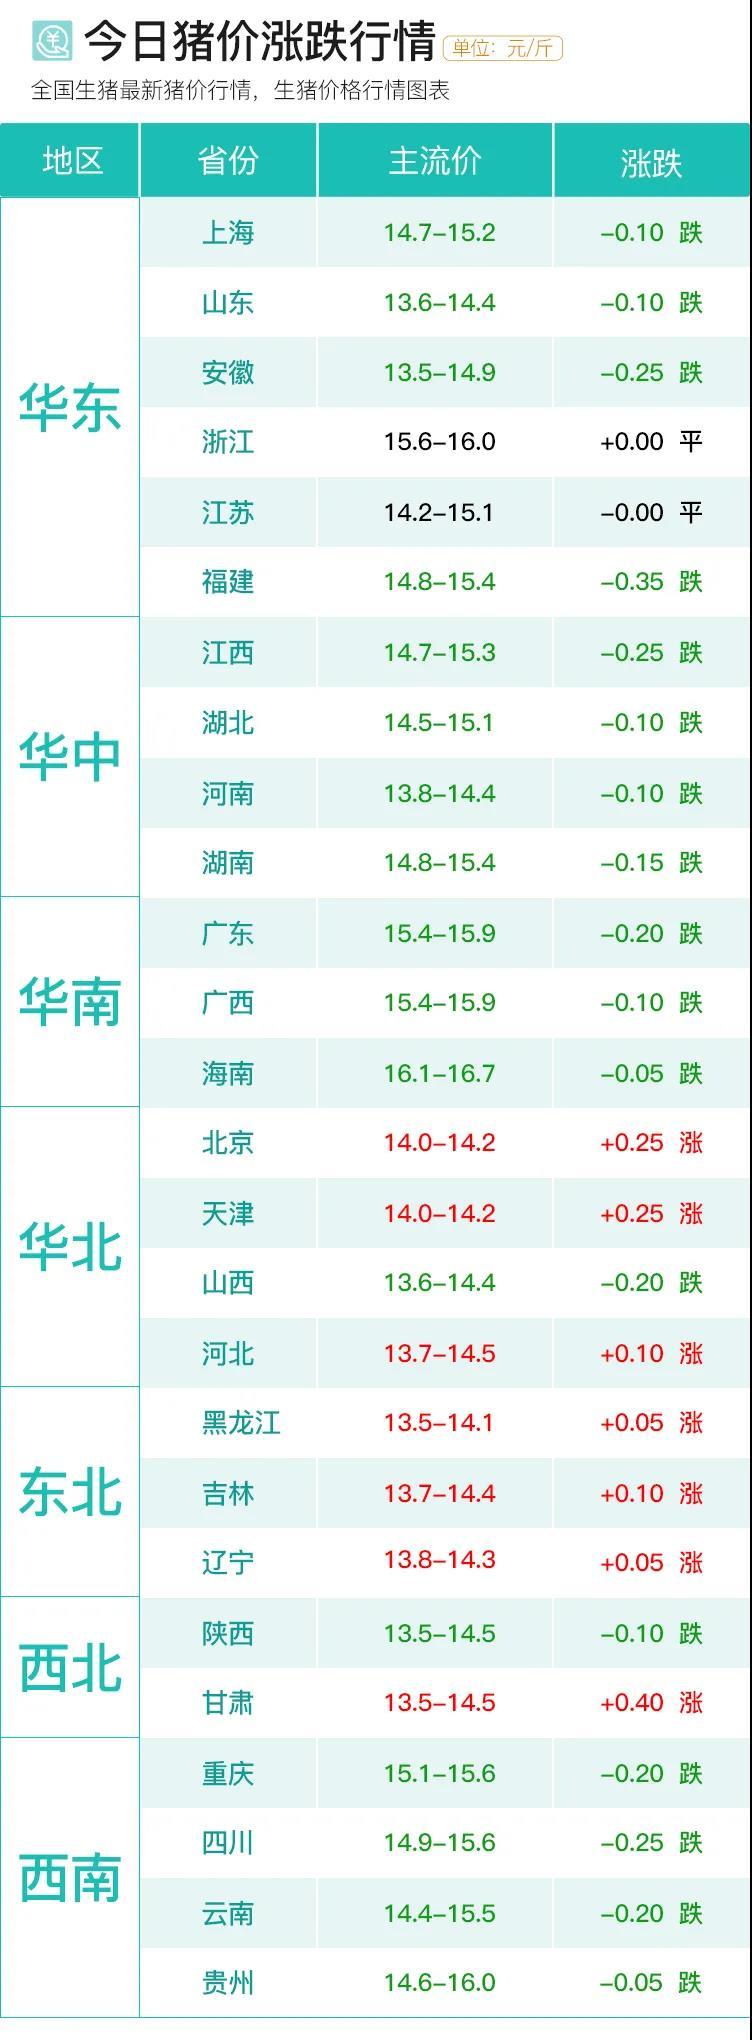 [猪友之家·今日猪价]3月6日|猪价有变,北涨南跌,后续是涨是跌?